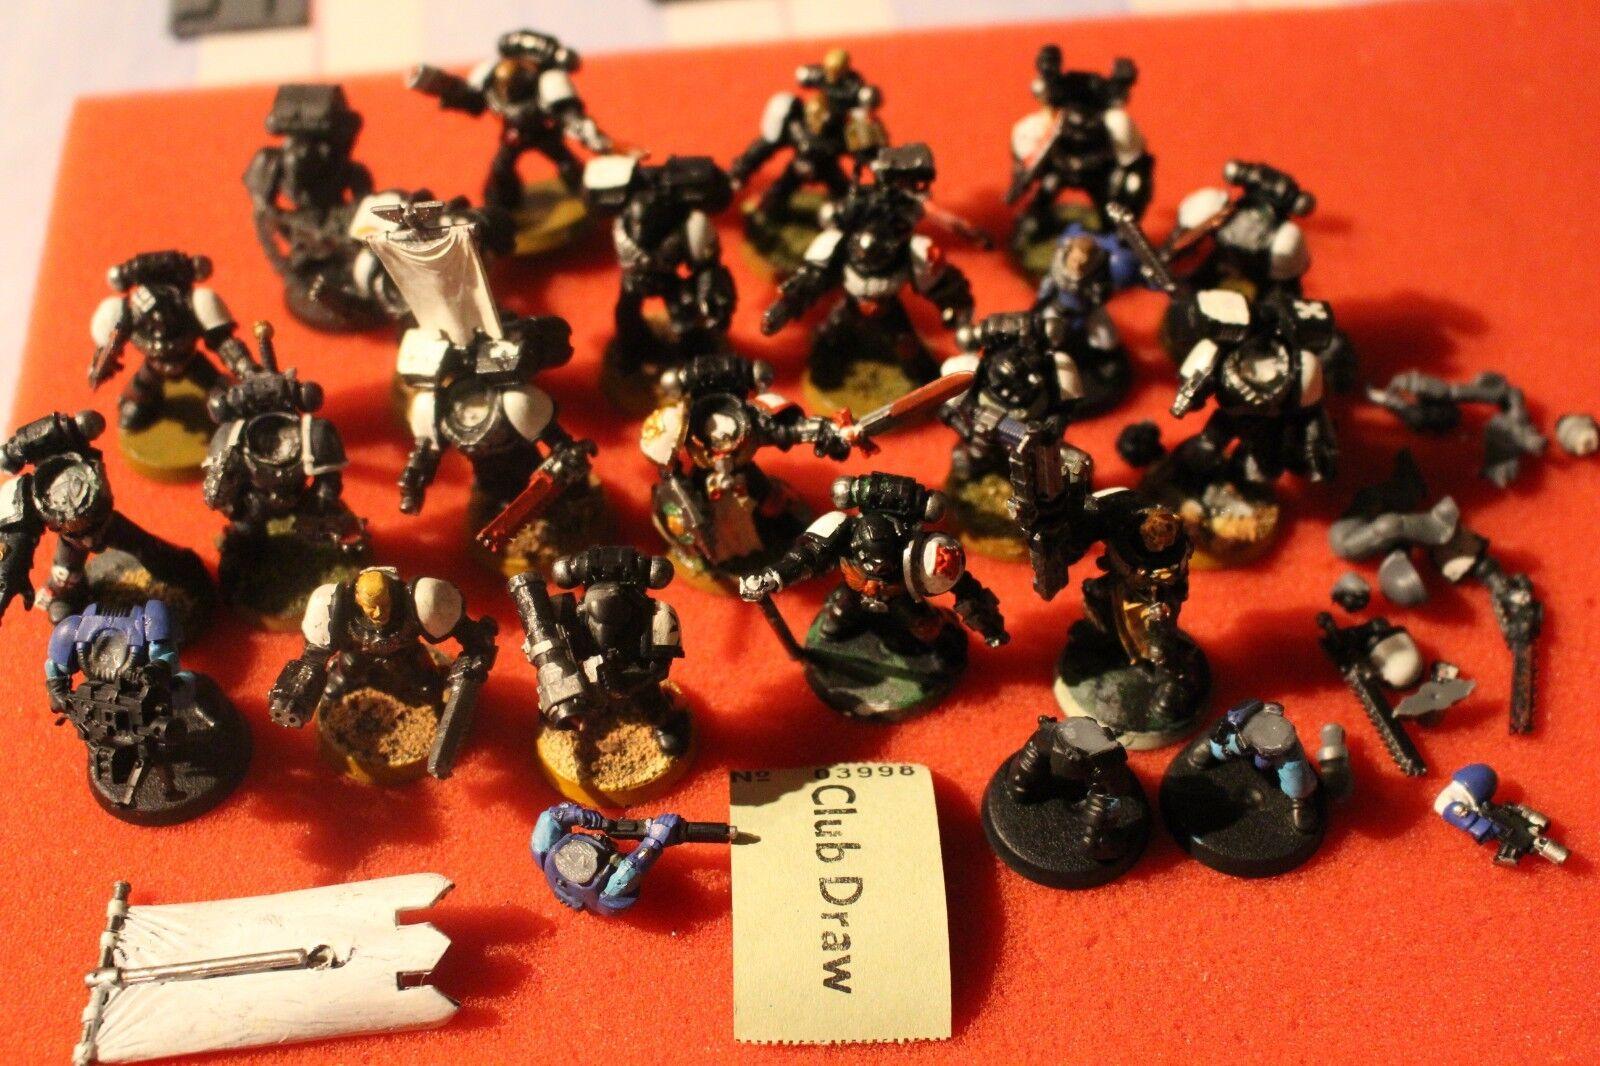 Spiele warhammer 40k space marines  corvus beakies taktische marines armee